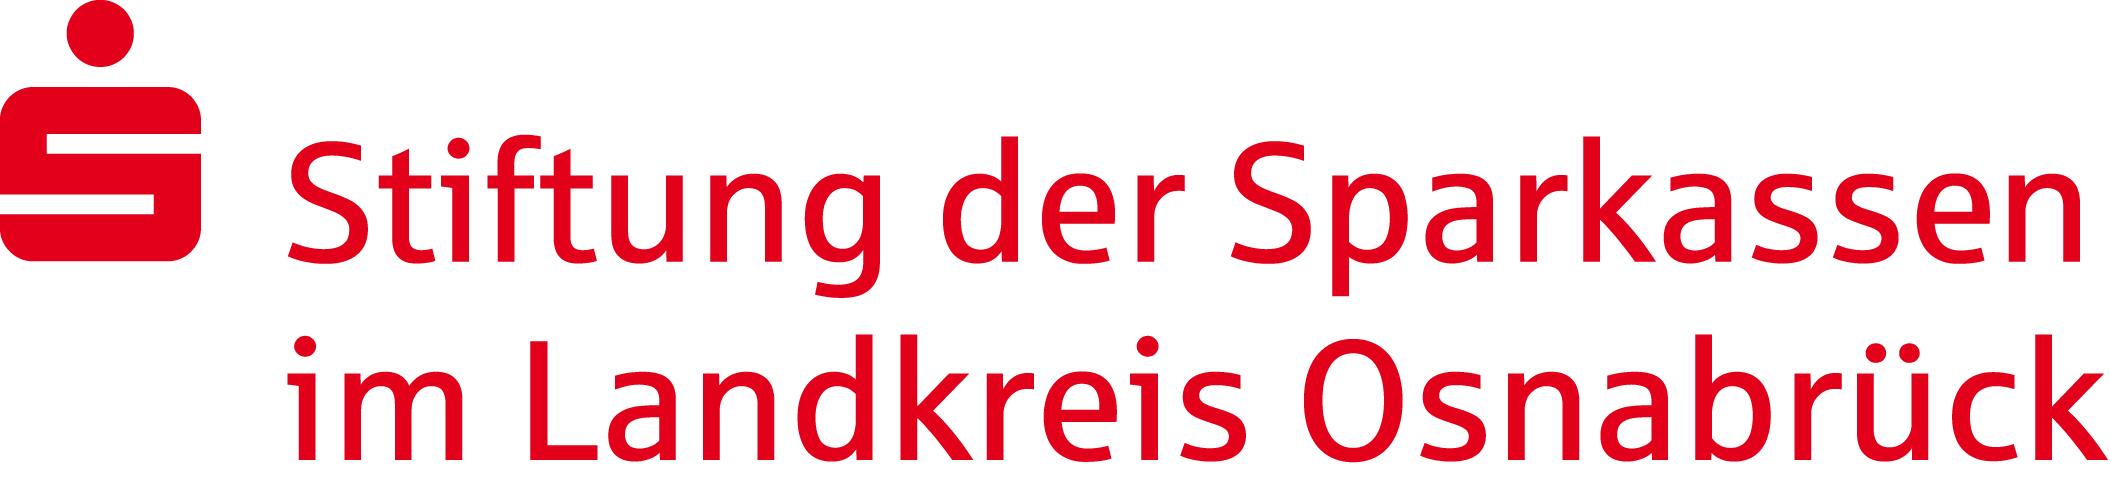 Stiftung der SK im Landkreis Osnabrück